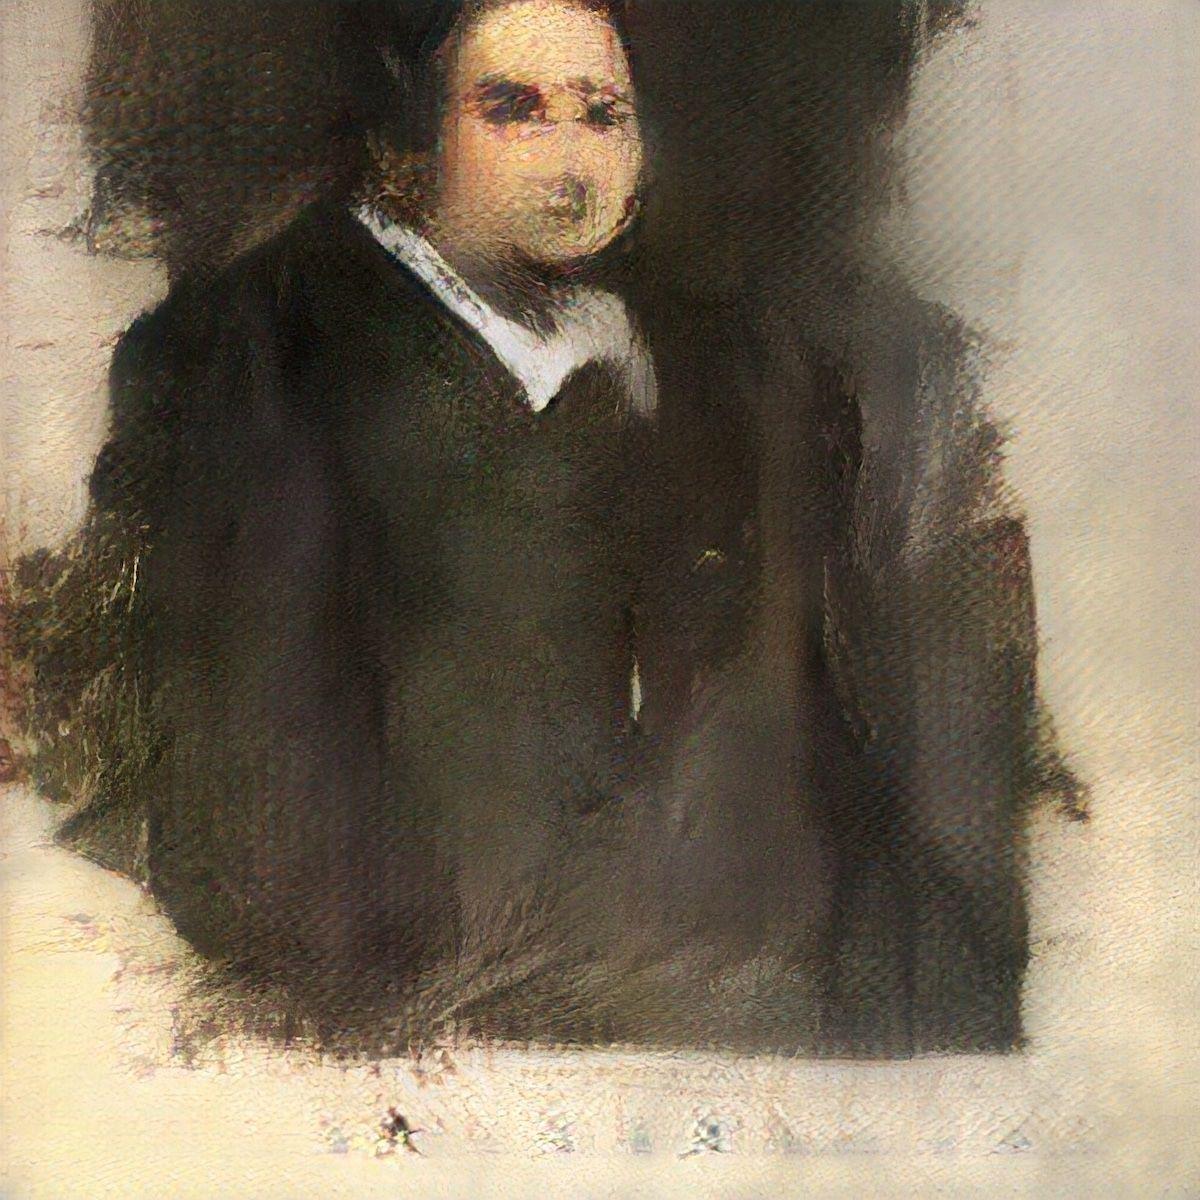 Portrait of Edmond de Belamy, 2018. Generative Adversarial Network print published by Obvious Art, Paris. © Obvious. Courtesy of Christie's.